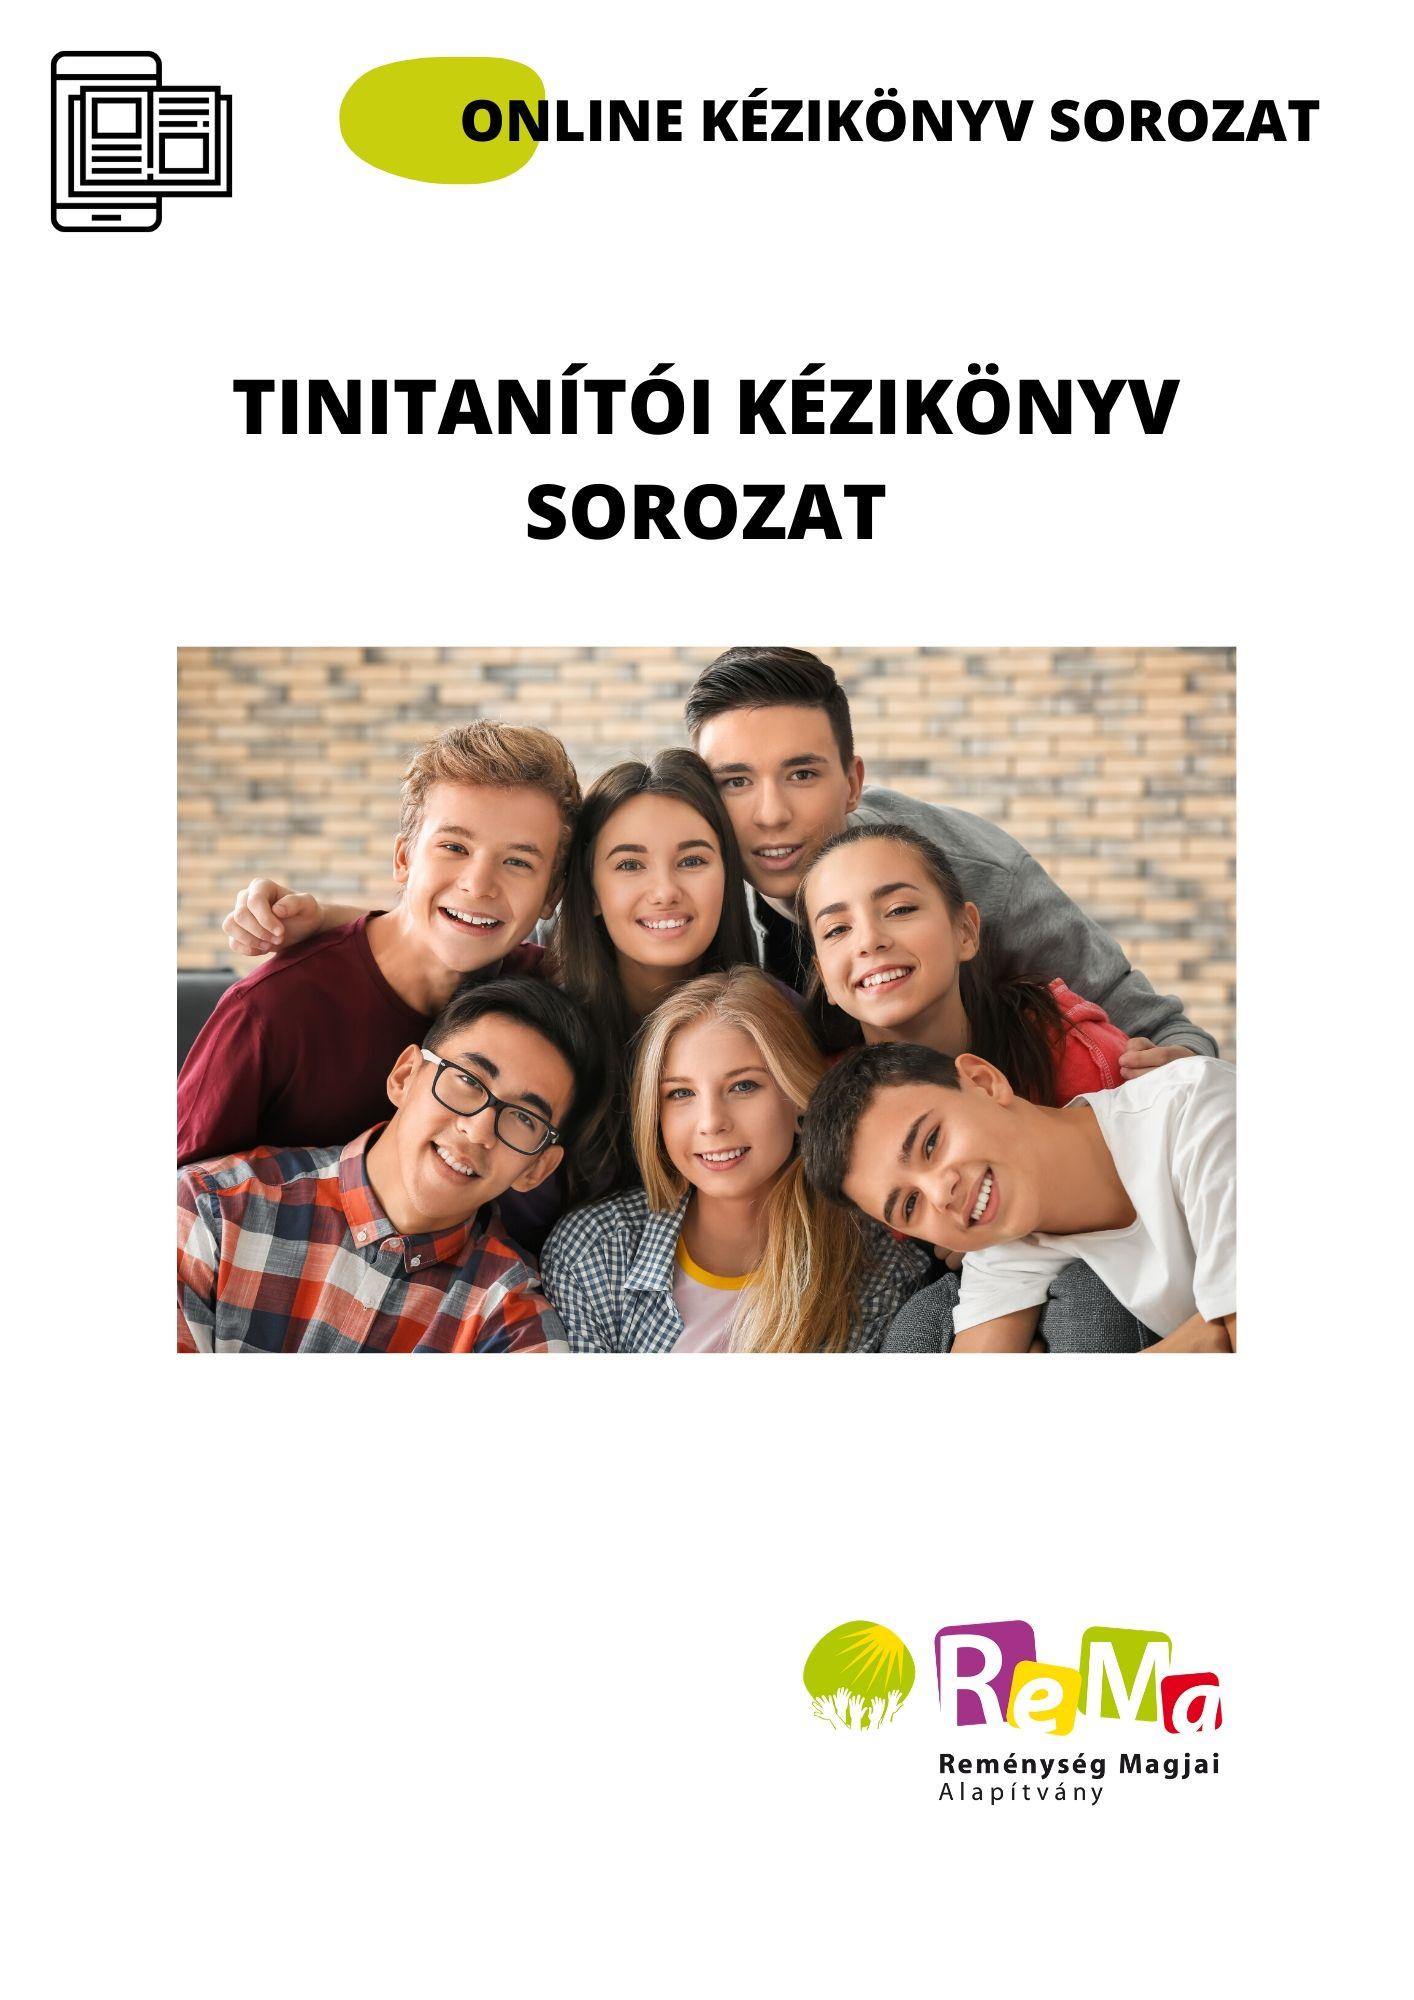 Tini ONLINE tanítói kézikönyvek